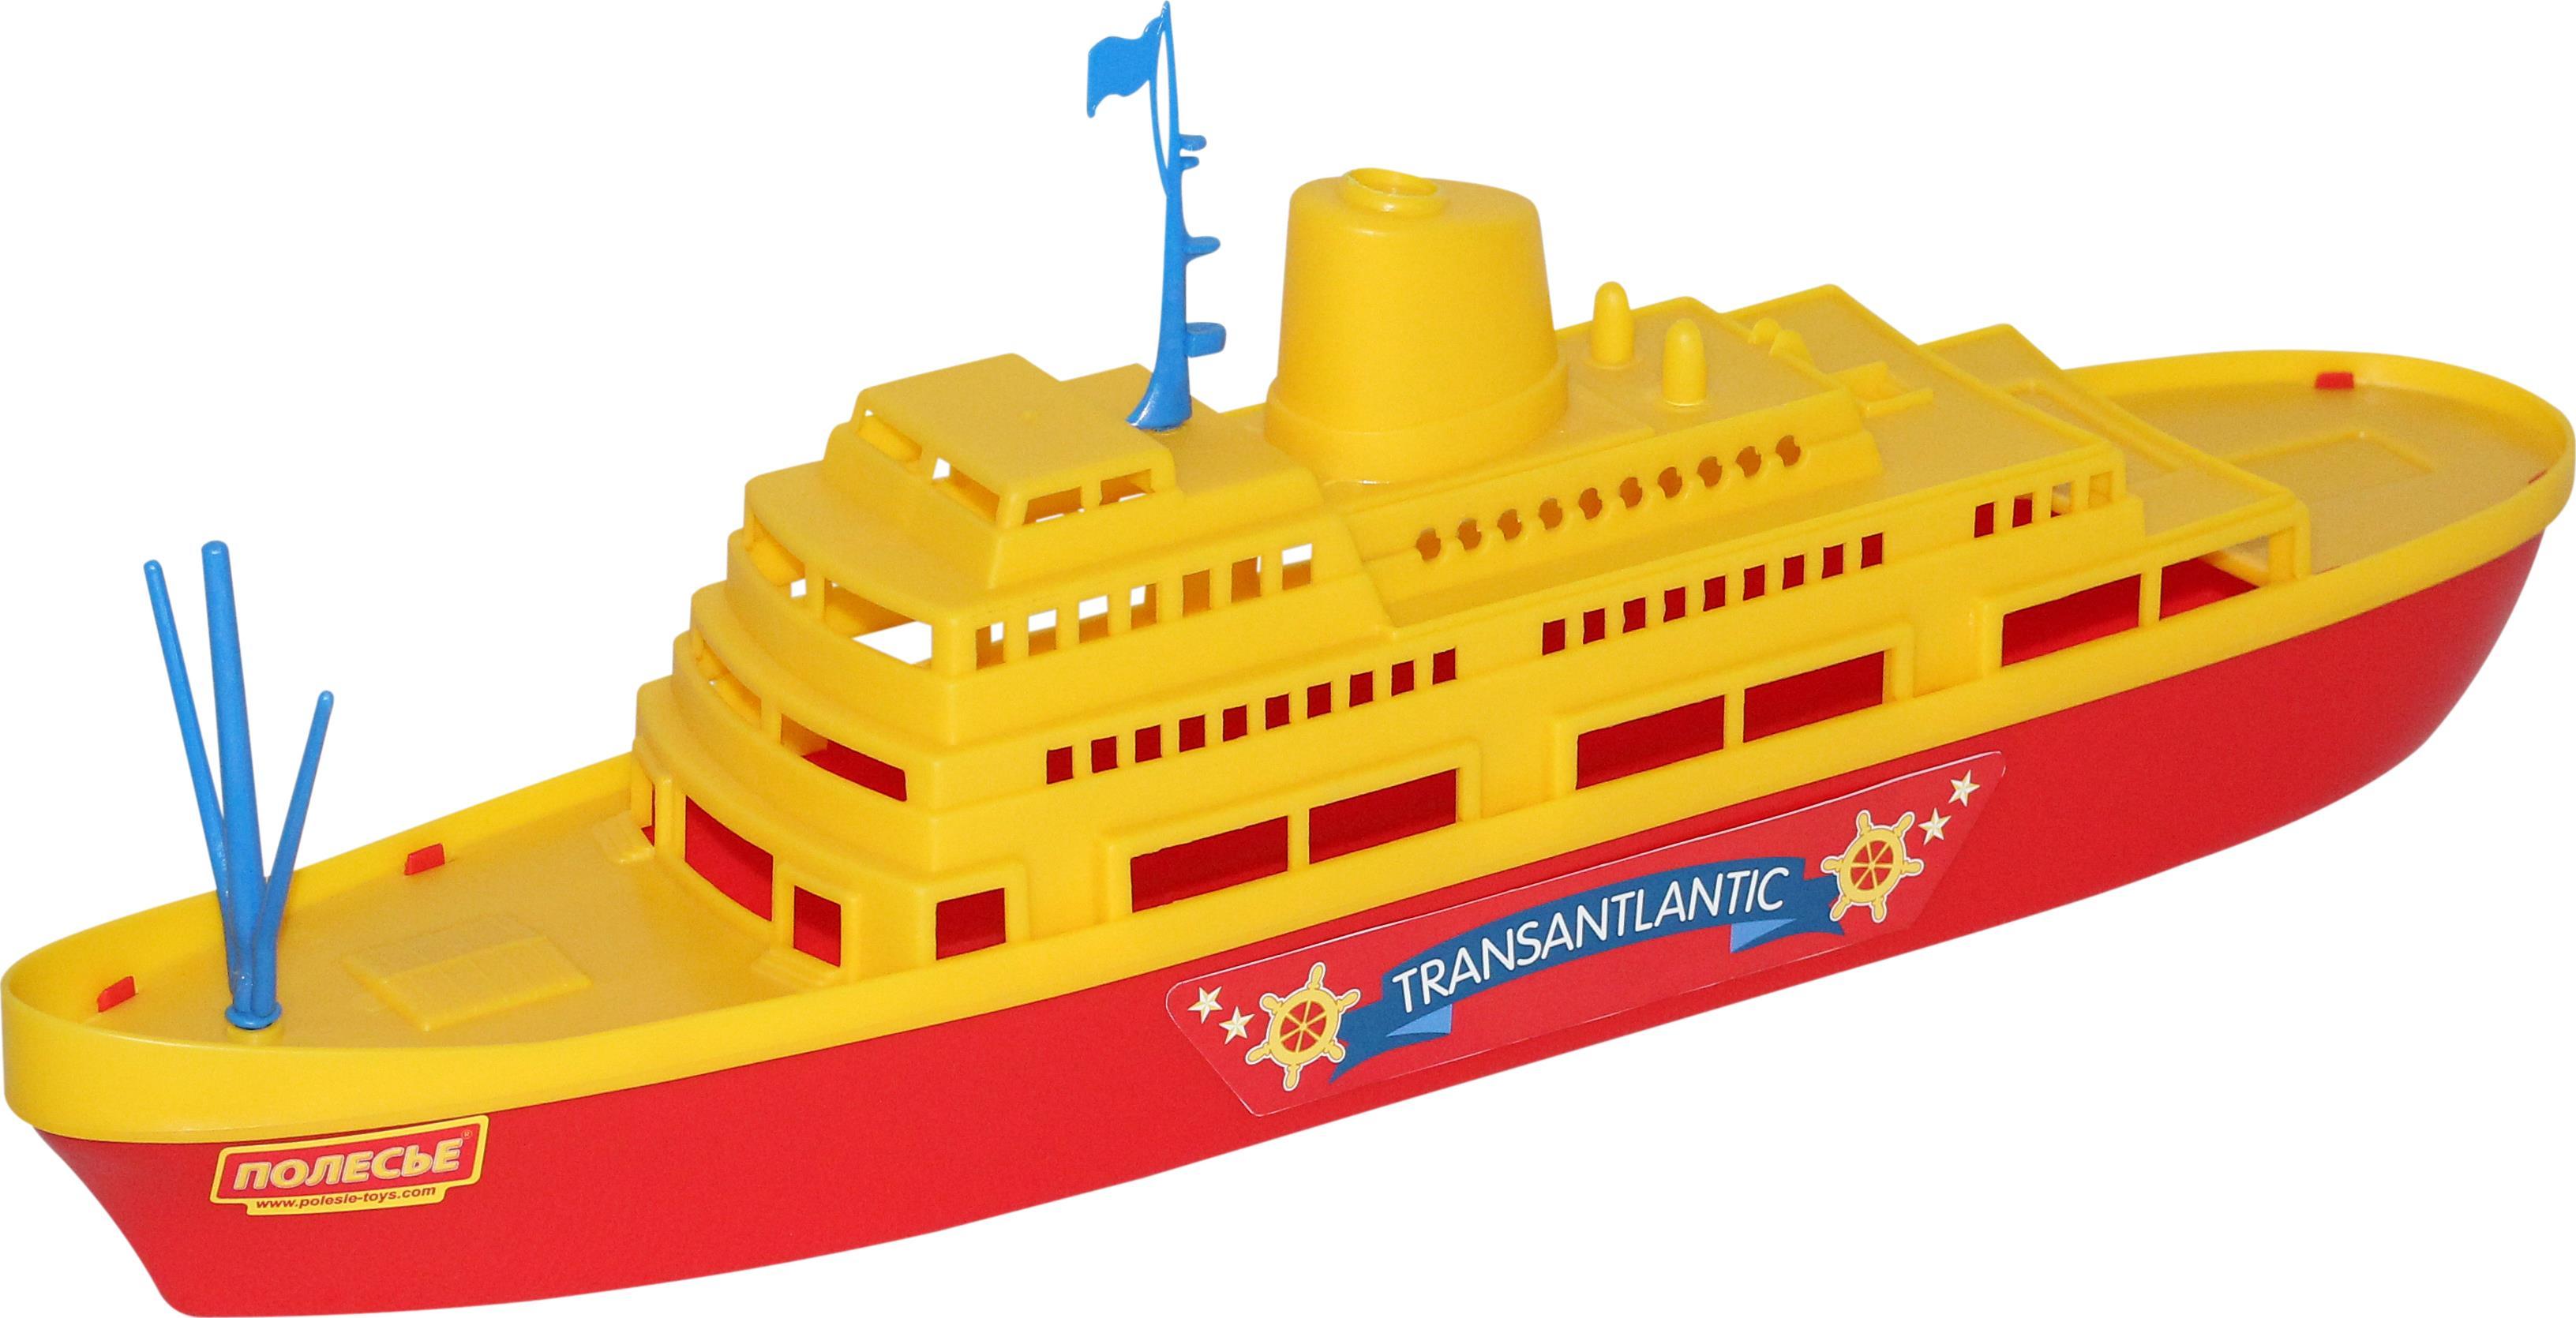 Корабль Трансатлантик, 46 см.Корабли и катера в ванну<br>Корабль Трансатлантик, 46 см.<br>